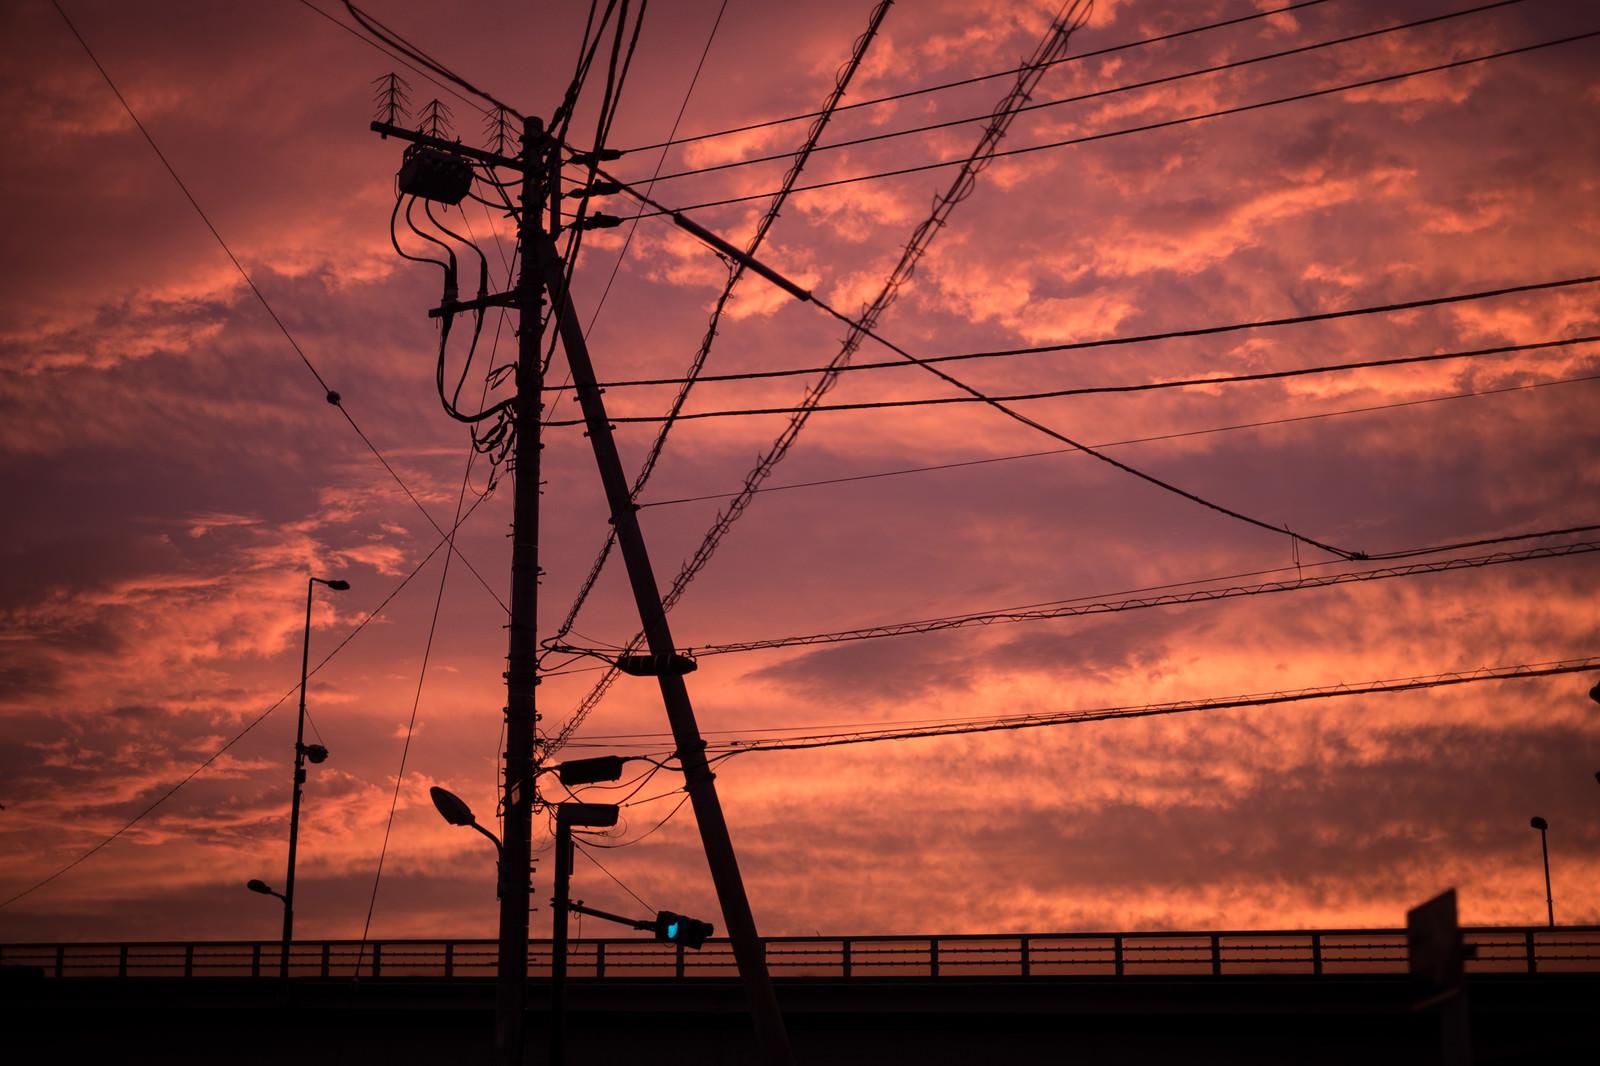 「夕暮れと電柱のシルエット夕暮れと電柱のシルエット」のフリー写真素材を拡大